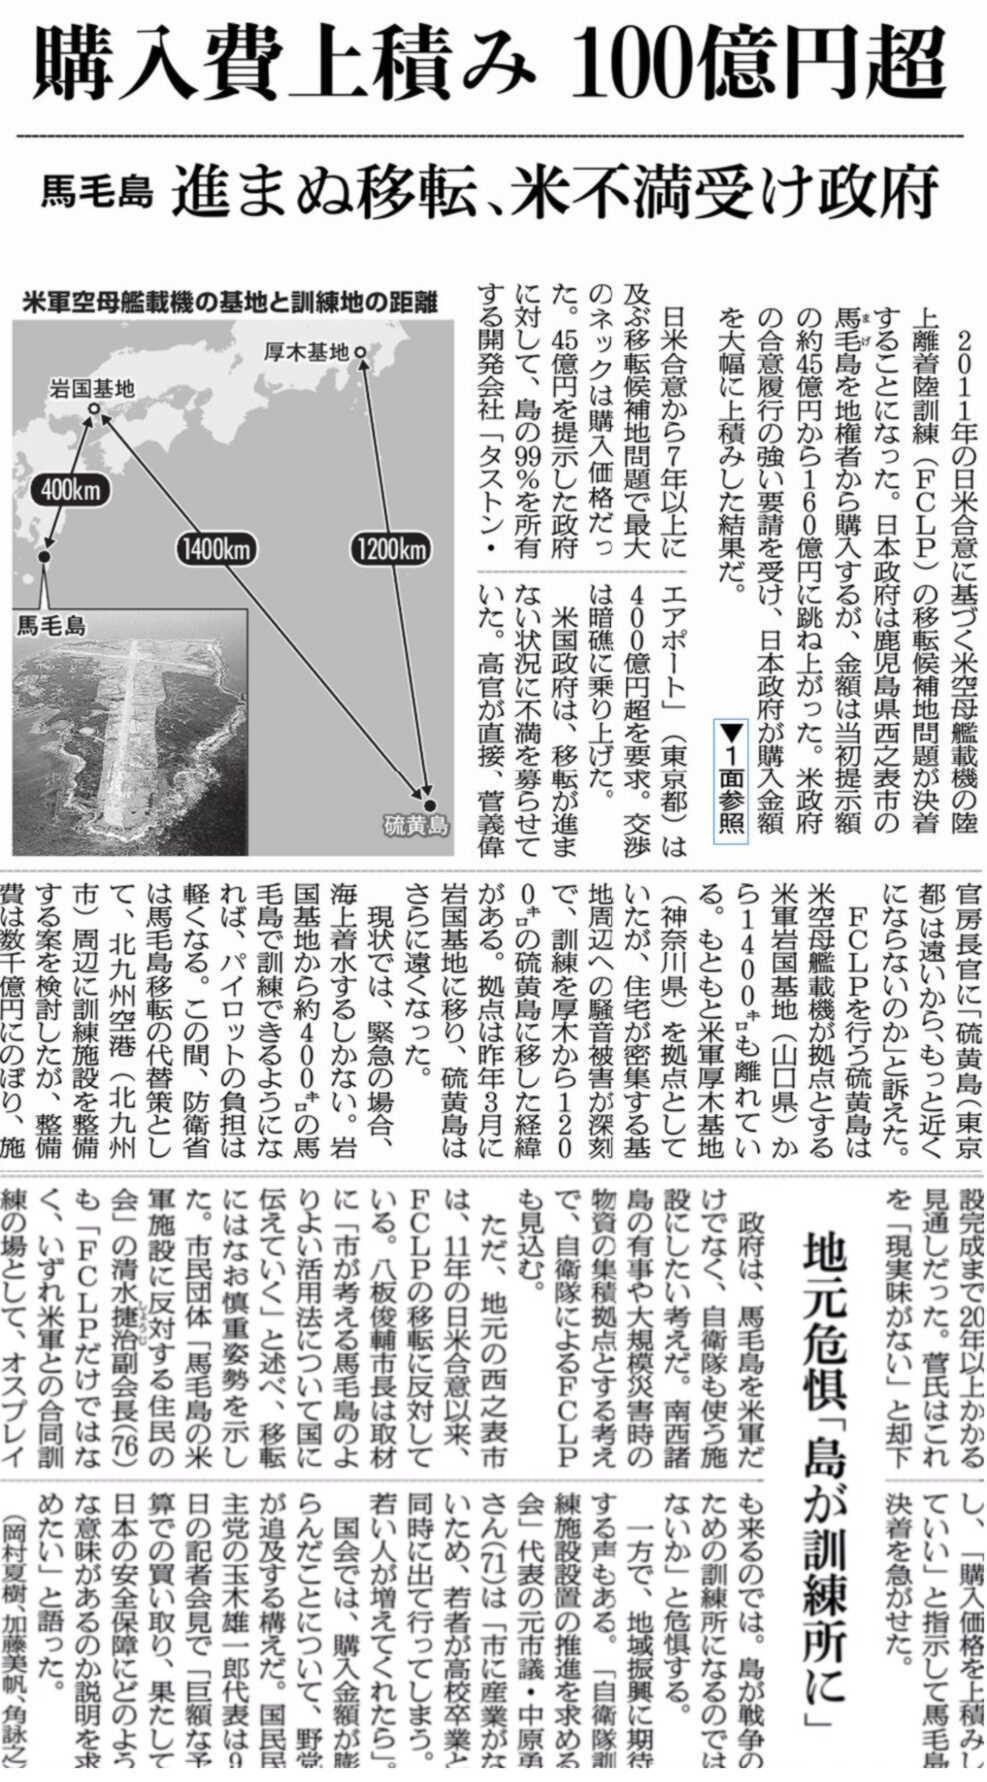 asahi2019 01102